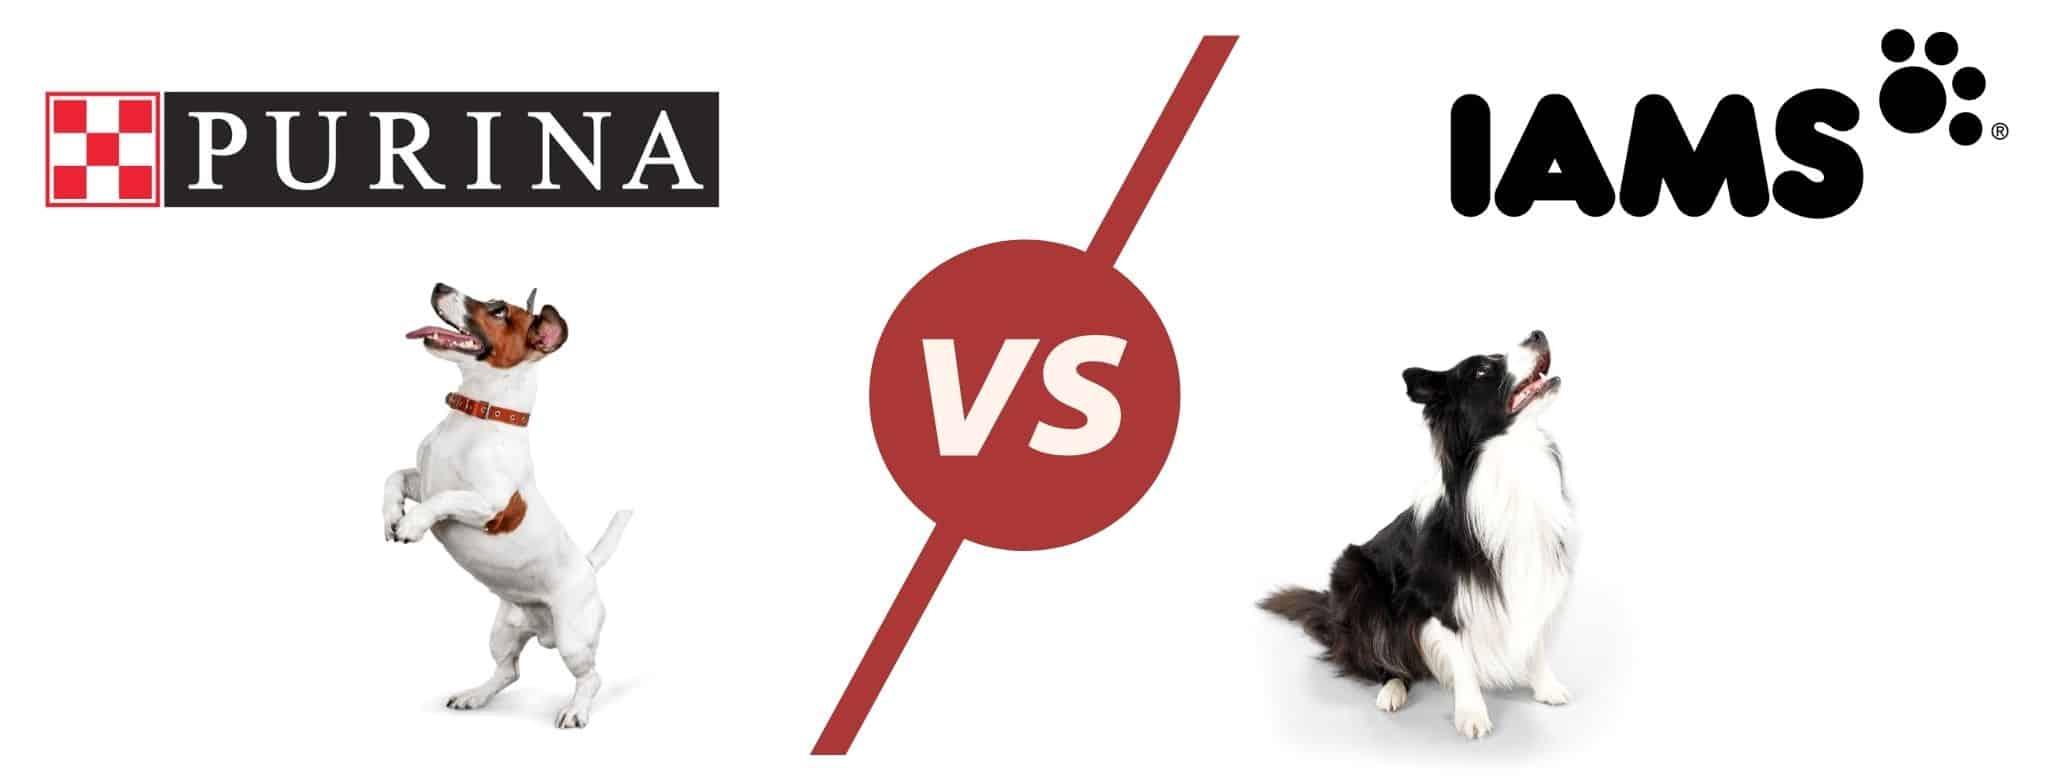 purina vs iams